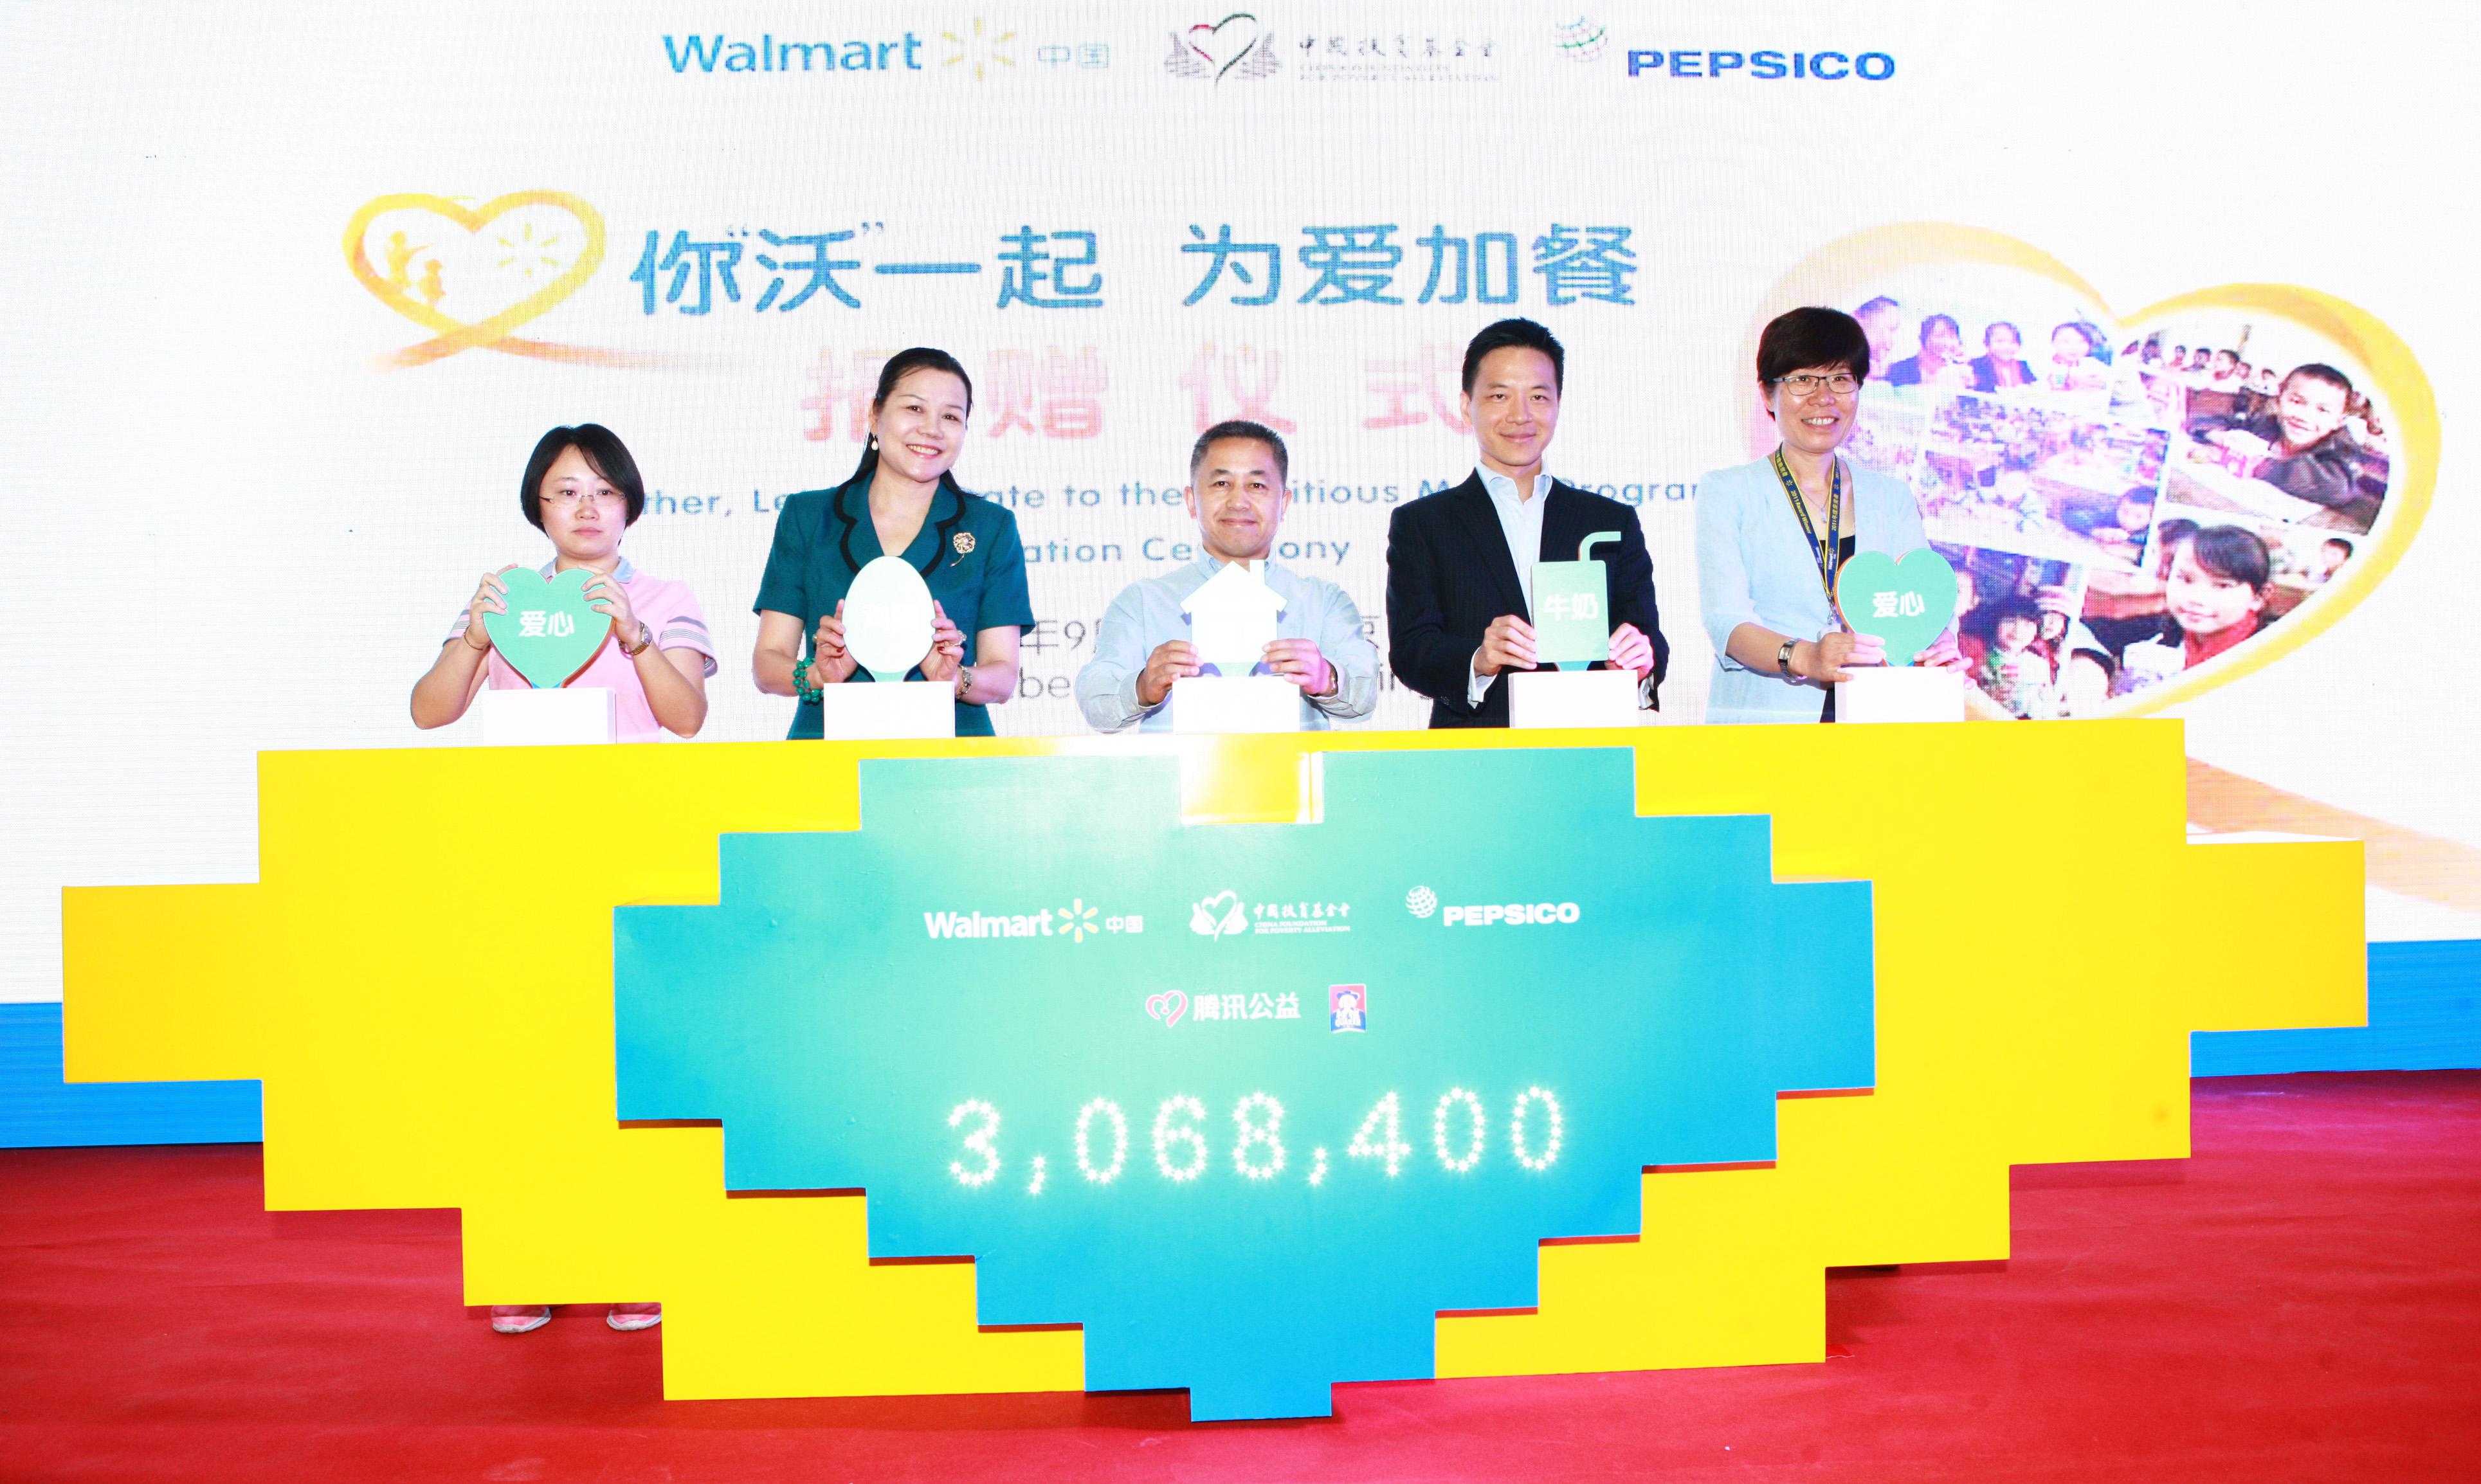 """沃尔玛和百事公司联合为""""爱加餐""""项目筹款逾300万元"""